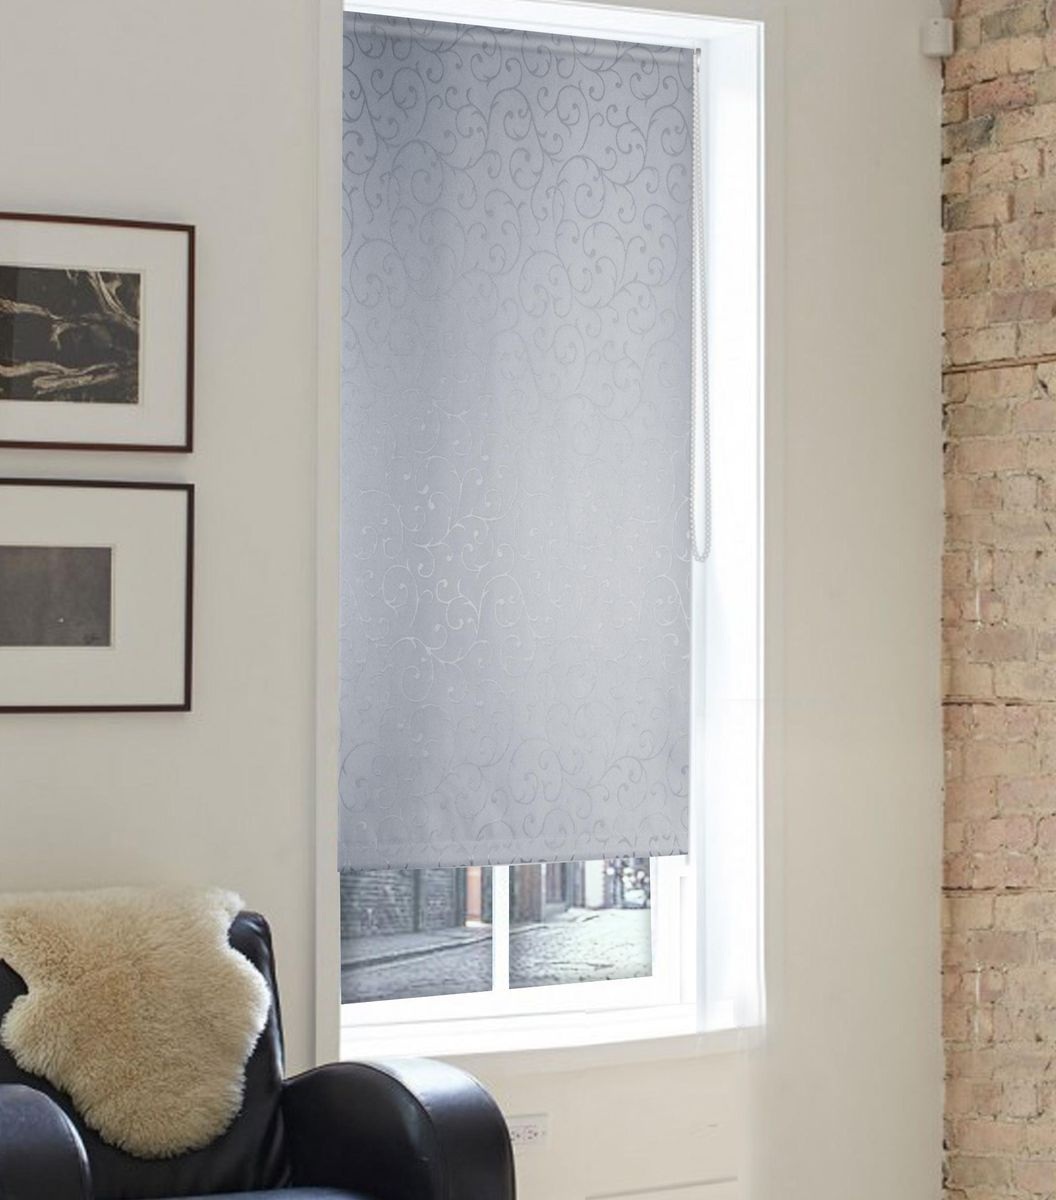 Штора рулонная Эскар Агат, цвет: серый, ширина 160 см, высота 160 смK100Рулонными шторами можно оформлять окна как самостоятельно, так и использовать в комбинации с портьерами. Это поможет предотвратить выгорание дорогой ткани на солнце и соединит функционал рулонных с красотой навесных.Преимущества применения рулонных штор для пластиковых окон:- имеют прекрасный внешний вид: многообразие и фактурность материала изделия отлично смотрятся в любом интерьере; - многофункциональны: есть возможность подобрать шторы способные эффективно защитить комнату от солнца, при этом она не будет слишком темной.- Есть возможность осуществить быстрый монтаж.ВНИМАНИЕ! Размеры ширины изделия указаны по ширине ткани!Во время эксплуатации не рекомендуется полностью разматывать рулон, чтобы не оторвать ткань от намоточного вала.В случае загрязнения поверхности ткани, чистку шторы проводят одним из способов, в зависимости от типа загрязнения: легкое поверхностное загрязнение можно удалить при помощи канцелярского ластика; чистка от пыли производится сухим методом при помощи пылесоса с мягкой щеткой-насадкой; для удаления пятна используйте мягкую губку с пенообразующим неагрессивным моющим средством или пятновыводитель на натуральной основе (нельзя применять растворители).